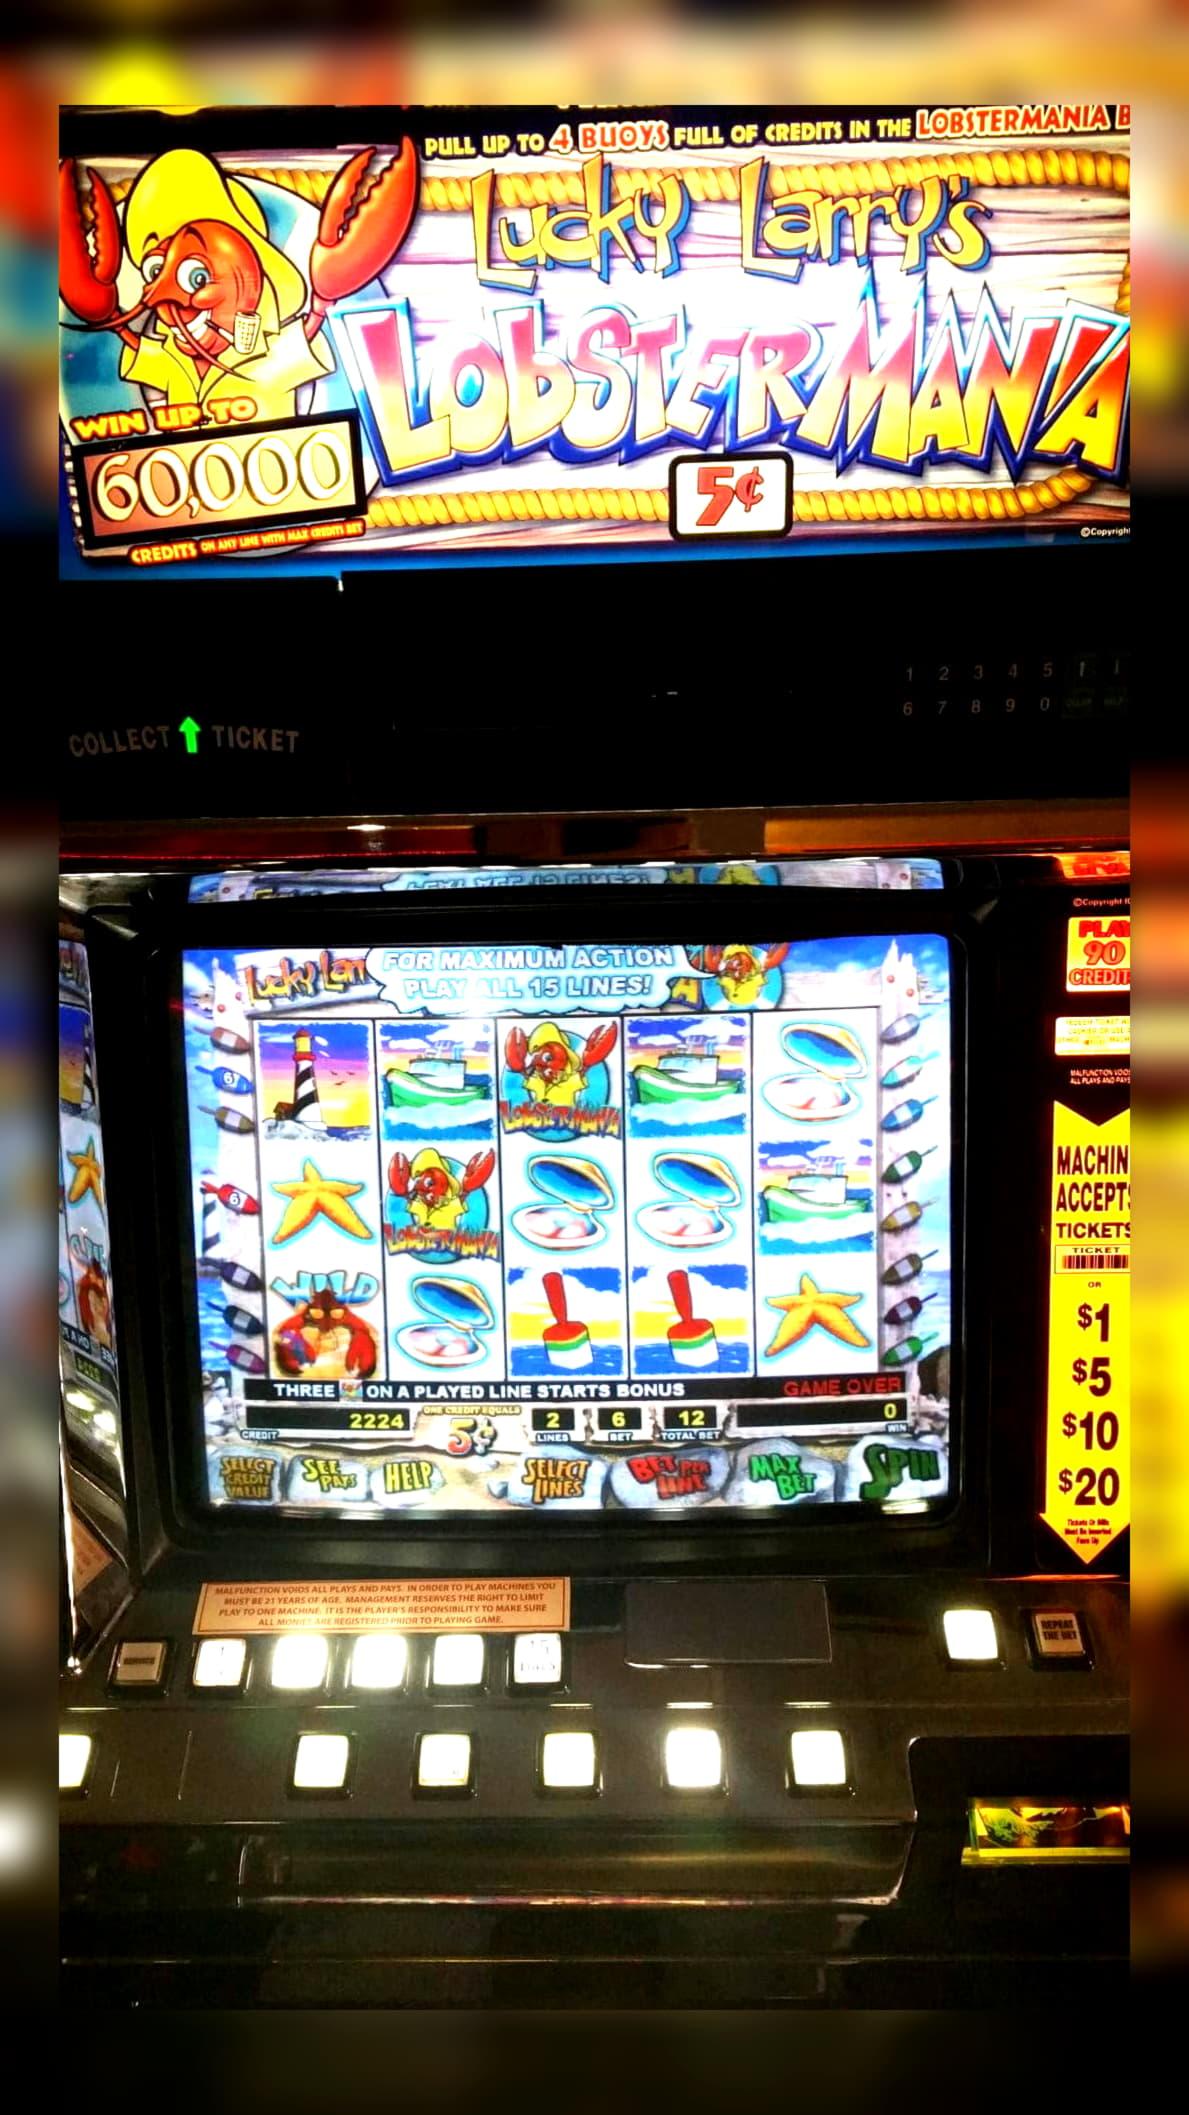 115 ฟรีสปินไม่มีคาสิโนฝากที่ Two-Up Casino